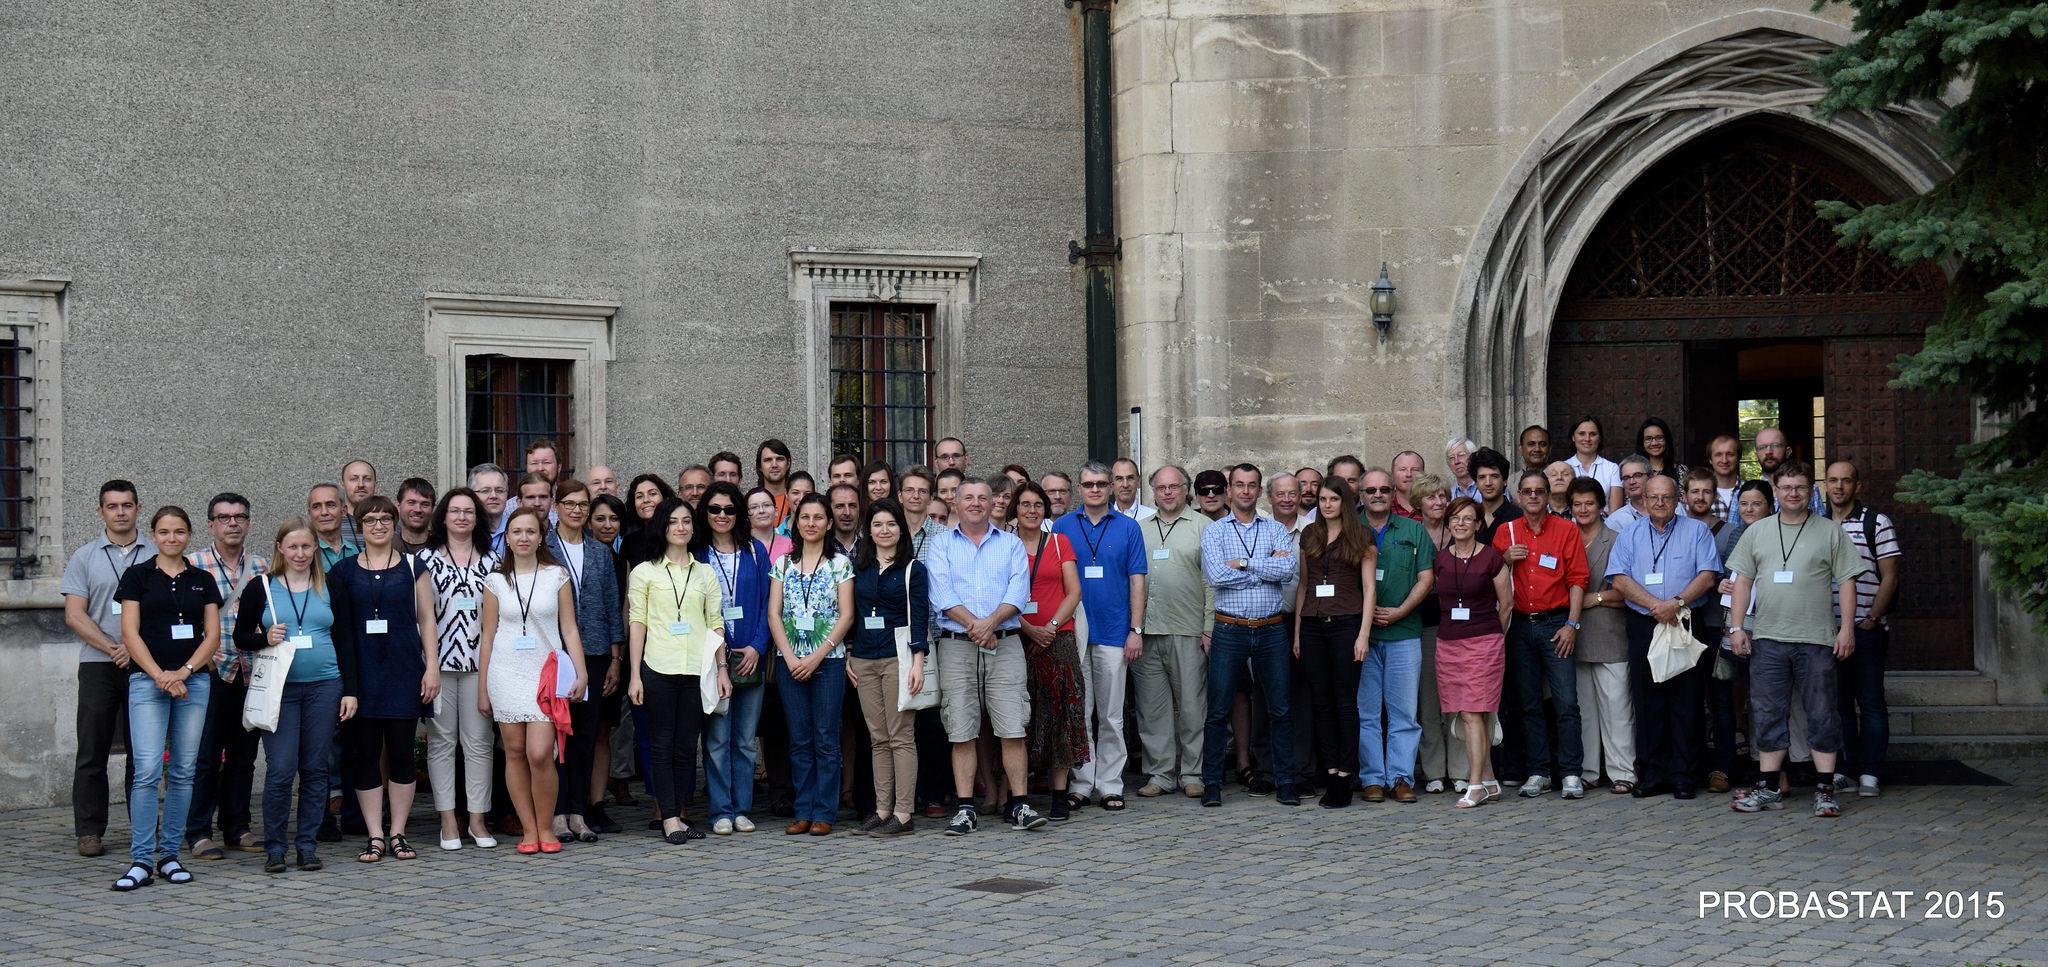 Probastat 2015 - účastníci